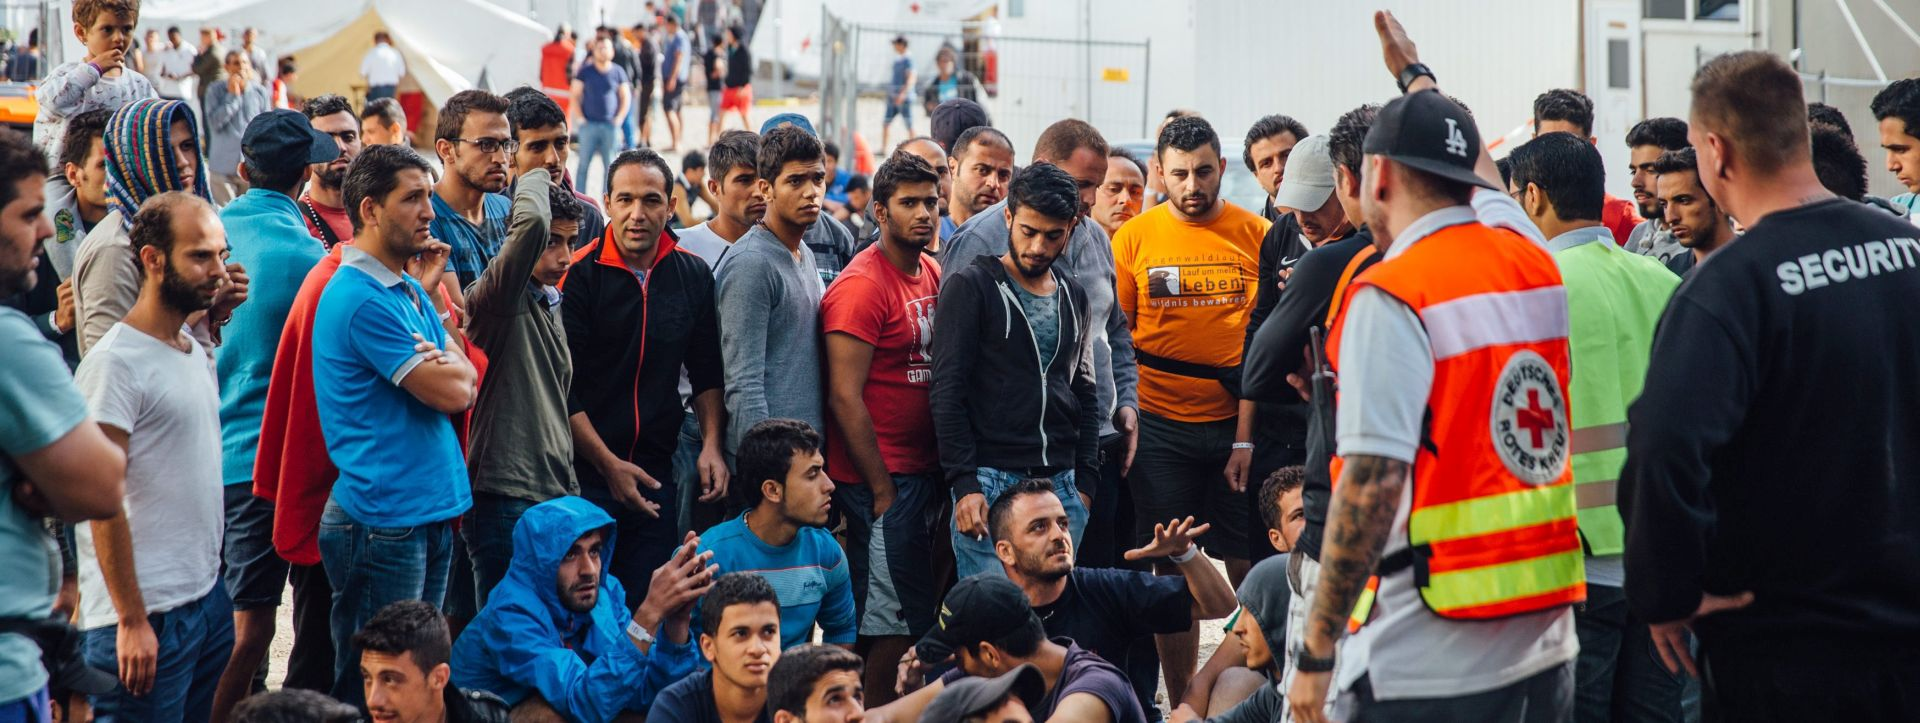 IZBJEGLICE USKORO I U HRVATSKOJ? HCK se priprema za mogući migrantski val